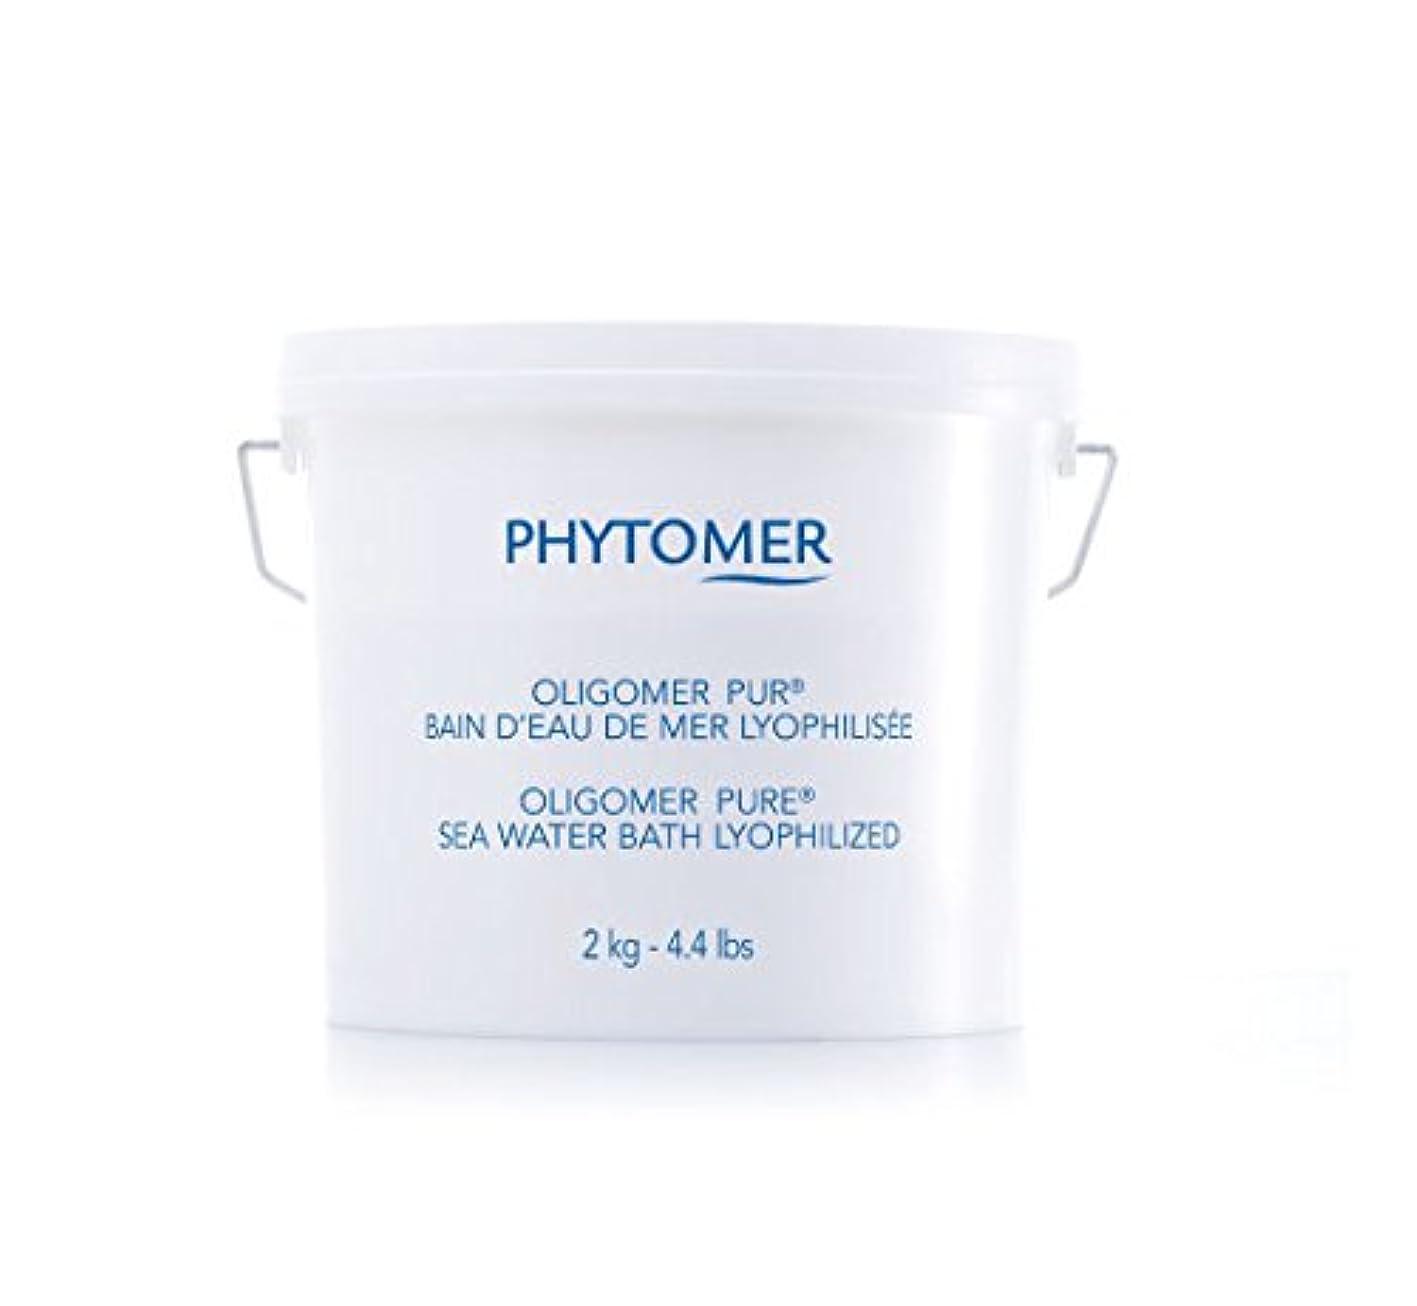 半円赤字見かけ上PHYTOMER(フィトメール) オリゴメール ピュア 2kg